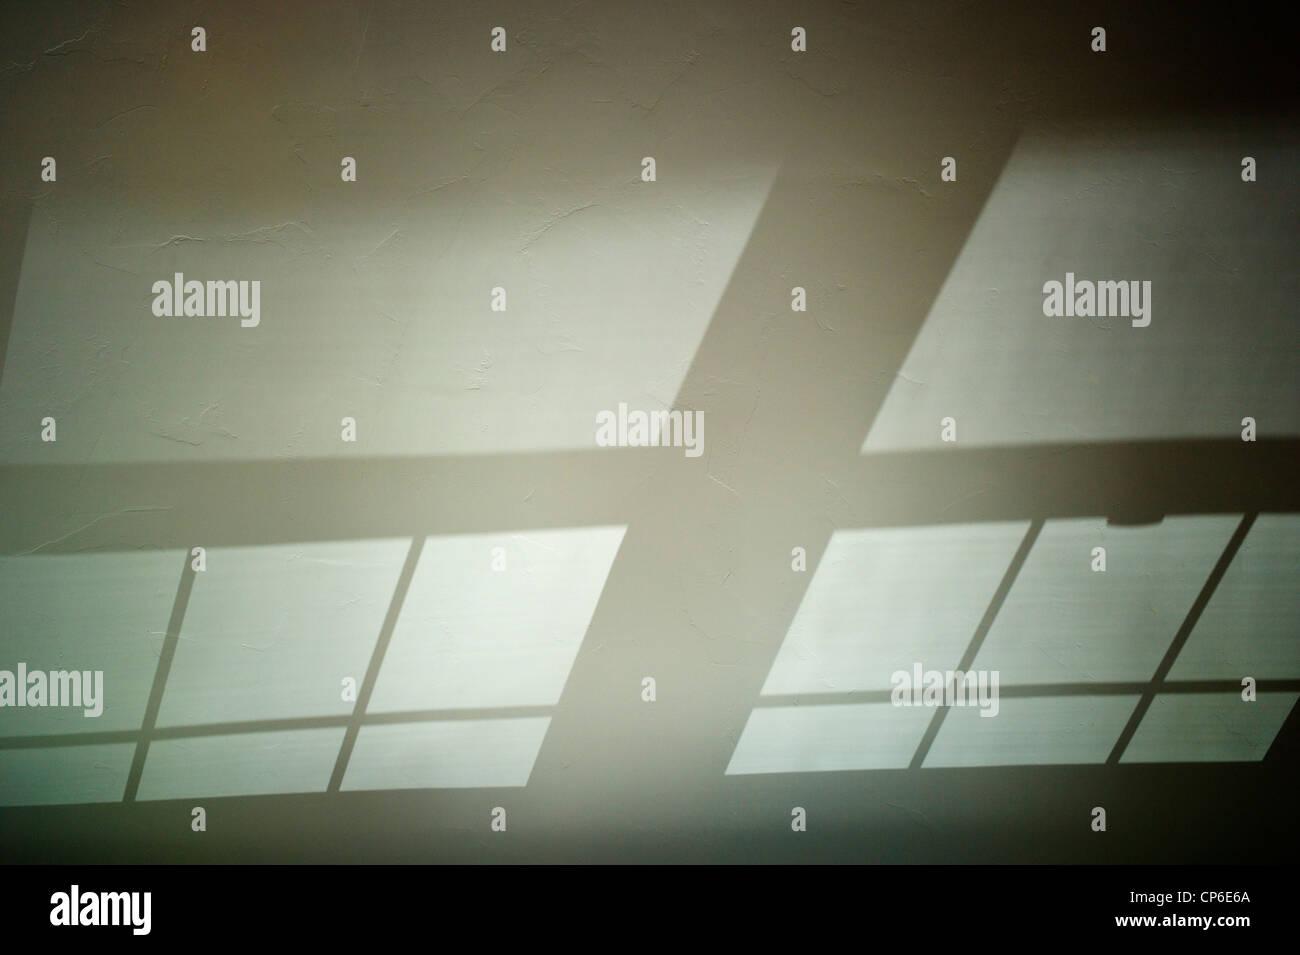 Reflejos, sombras y patrones de cristal fundido en el techo abovedado de una oficina en casa. Foto de stock